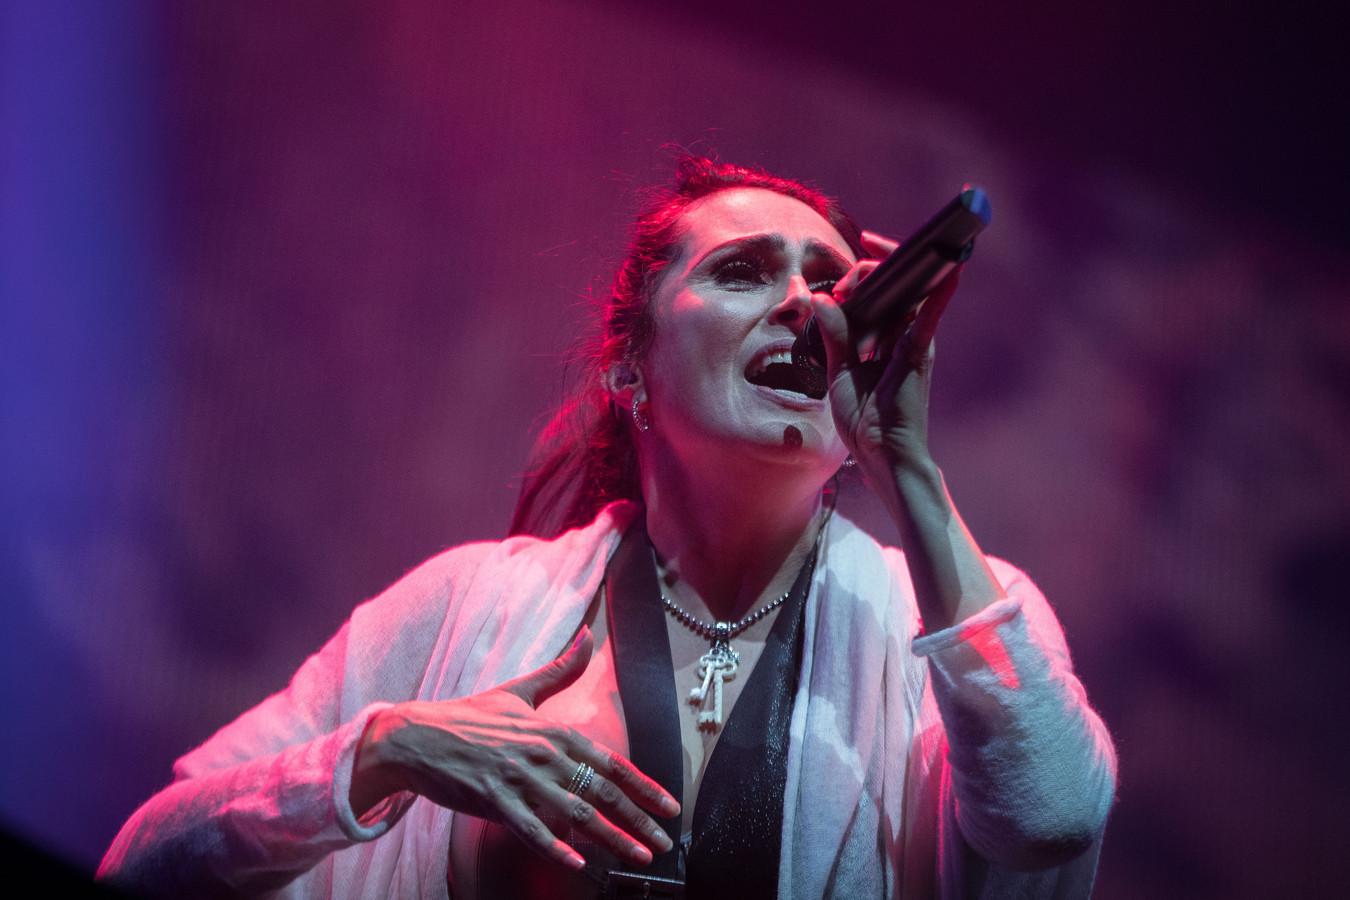 De Nederlandse rockband Within Temptation met leadzangeres Sharon den Adel tijdens een concert in 2018 in AFAS Live.